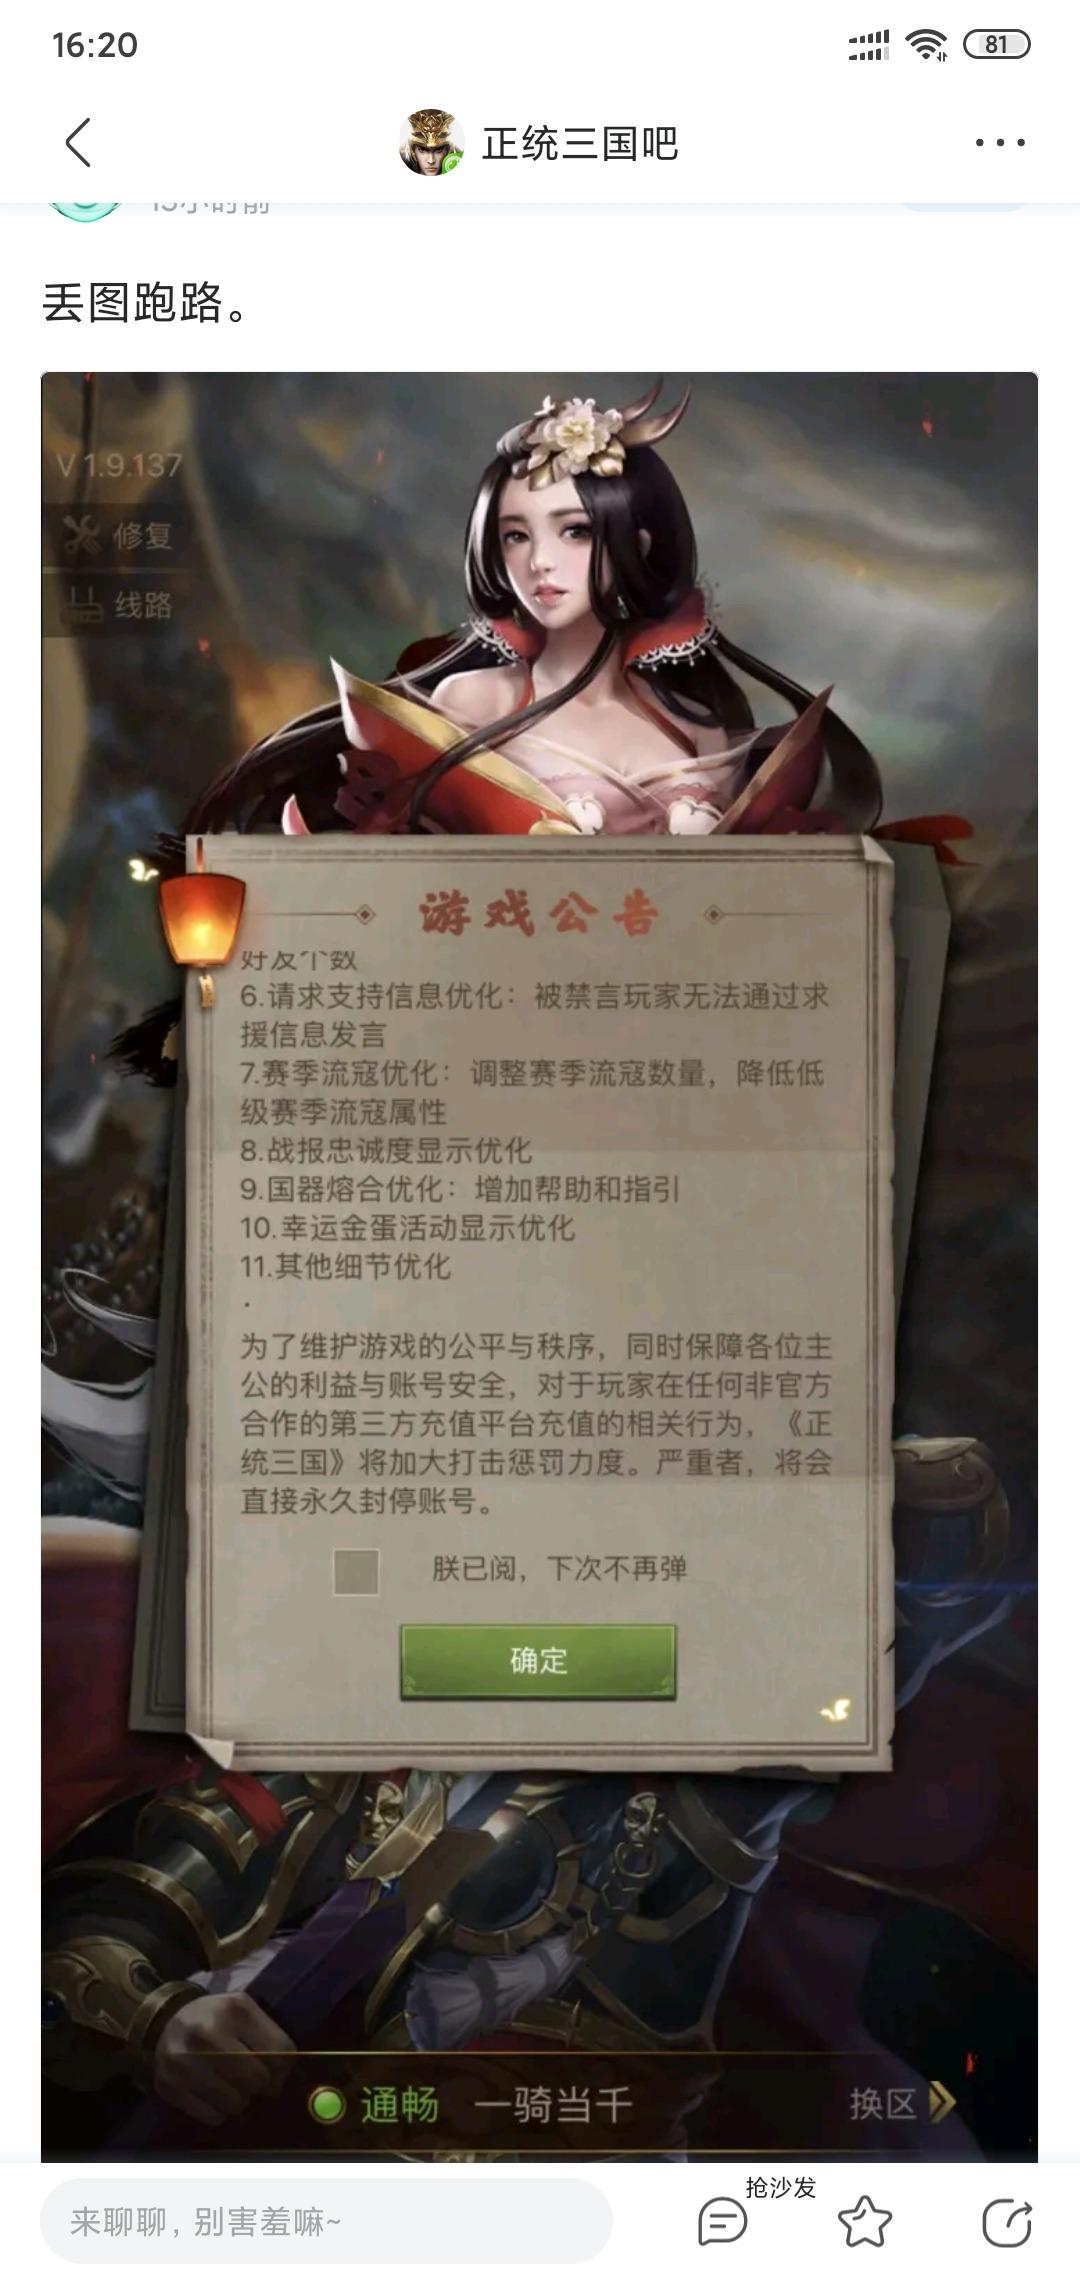 Screenshot_2020-02-16-16-20-54-101_com.baidu.tieba.jpg